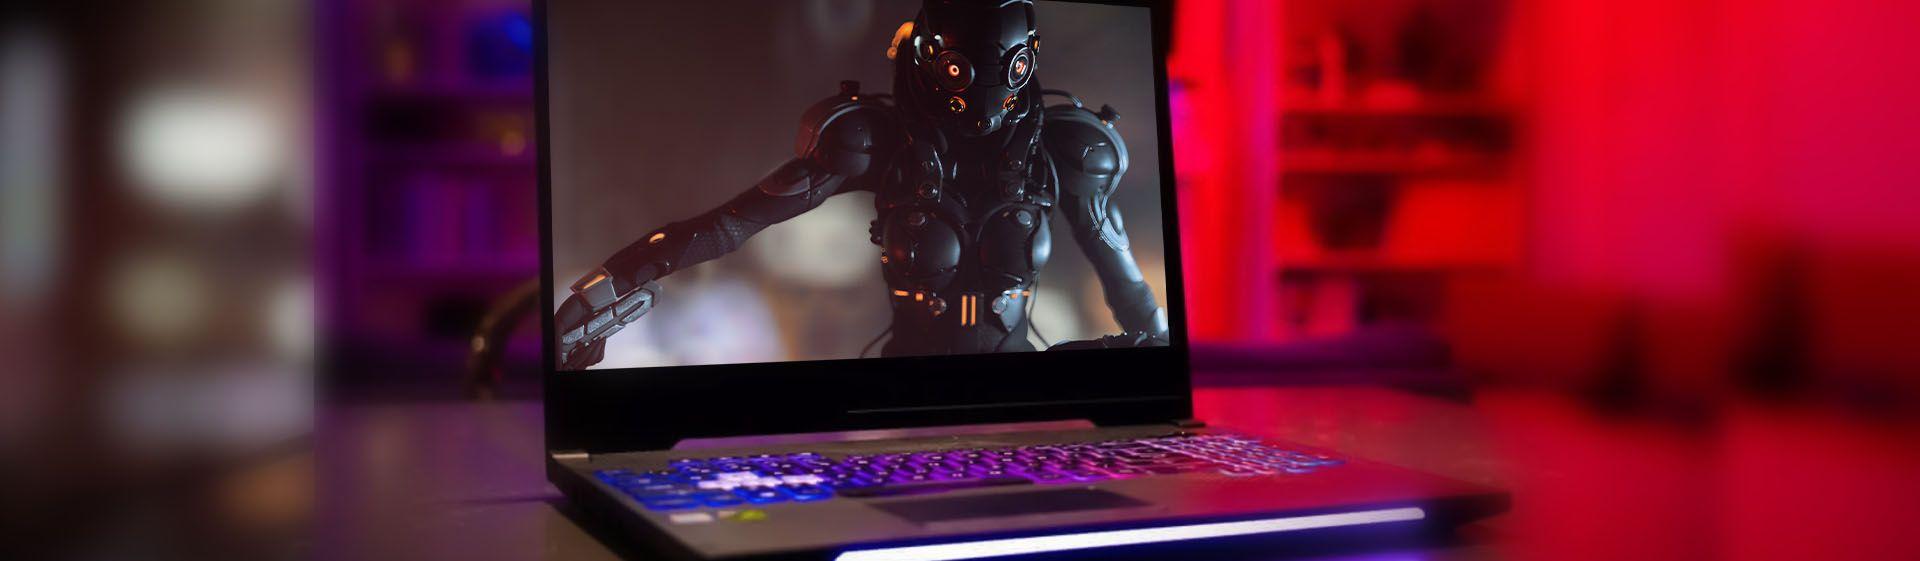 Melhor notebook gamer em 2020: veja 6 modelos para comprar